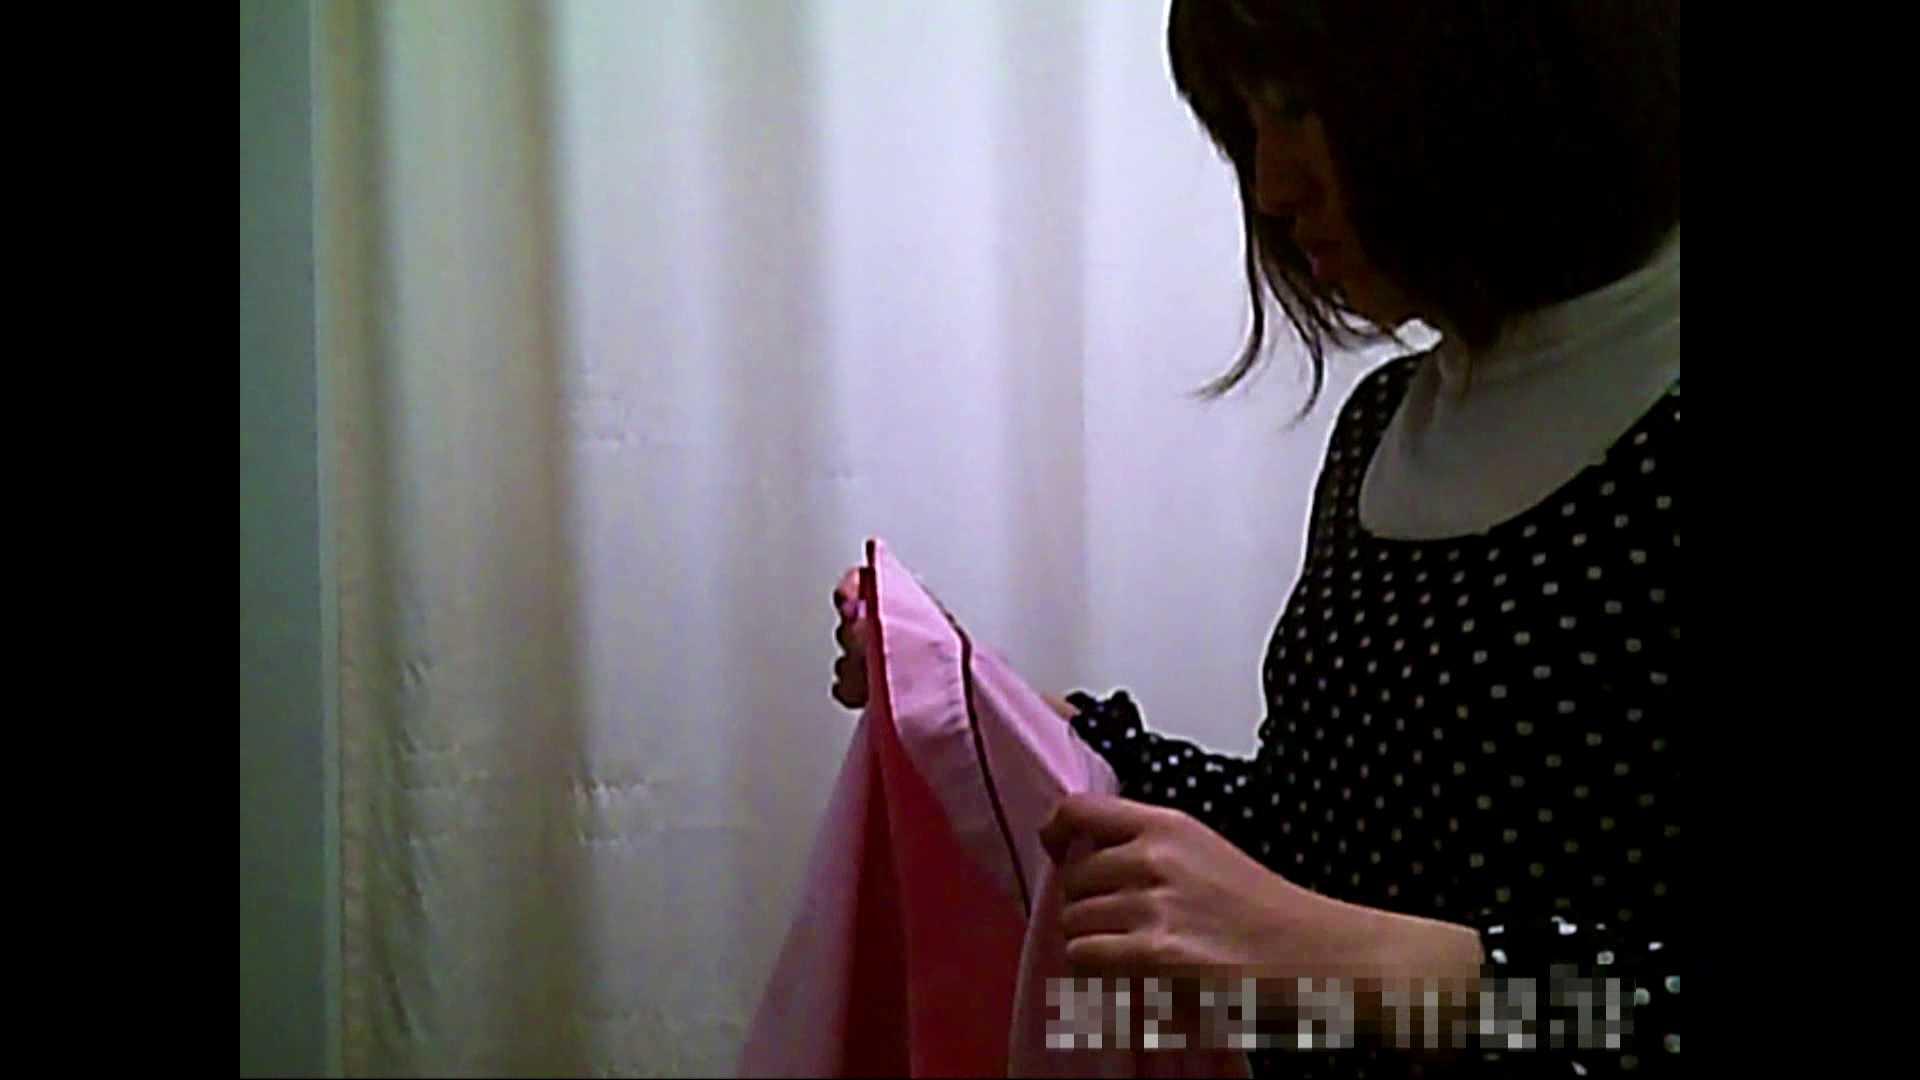 元医者による反抗 更衣室地獄絵巻 vol.115 OL  81pic 16